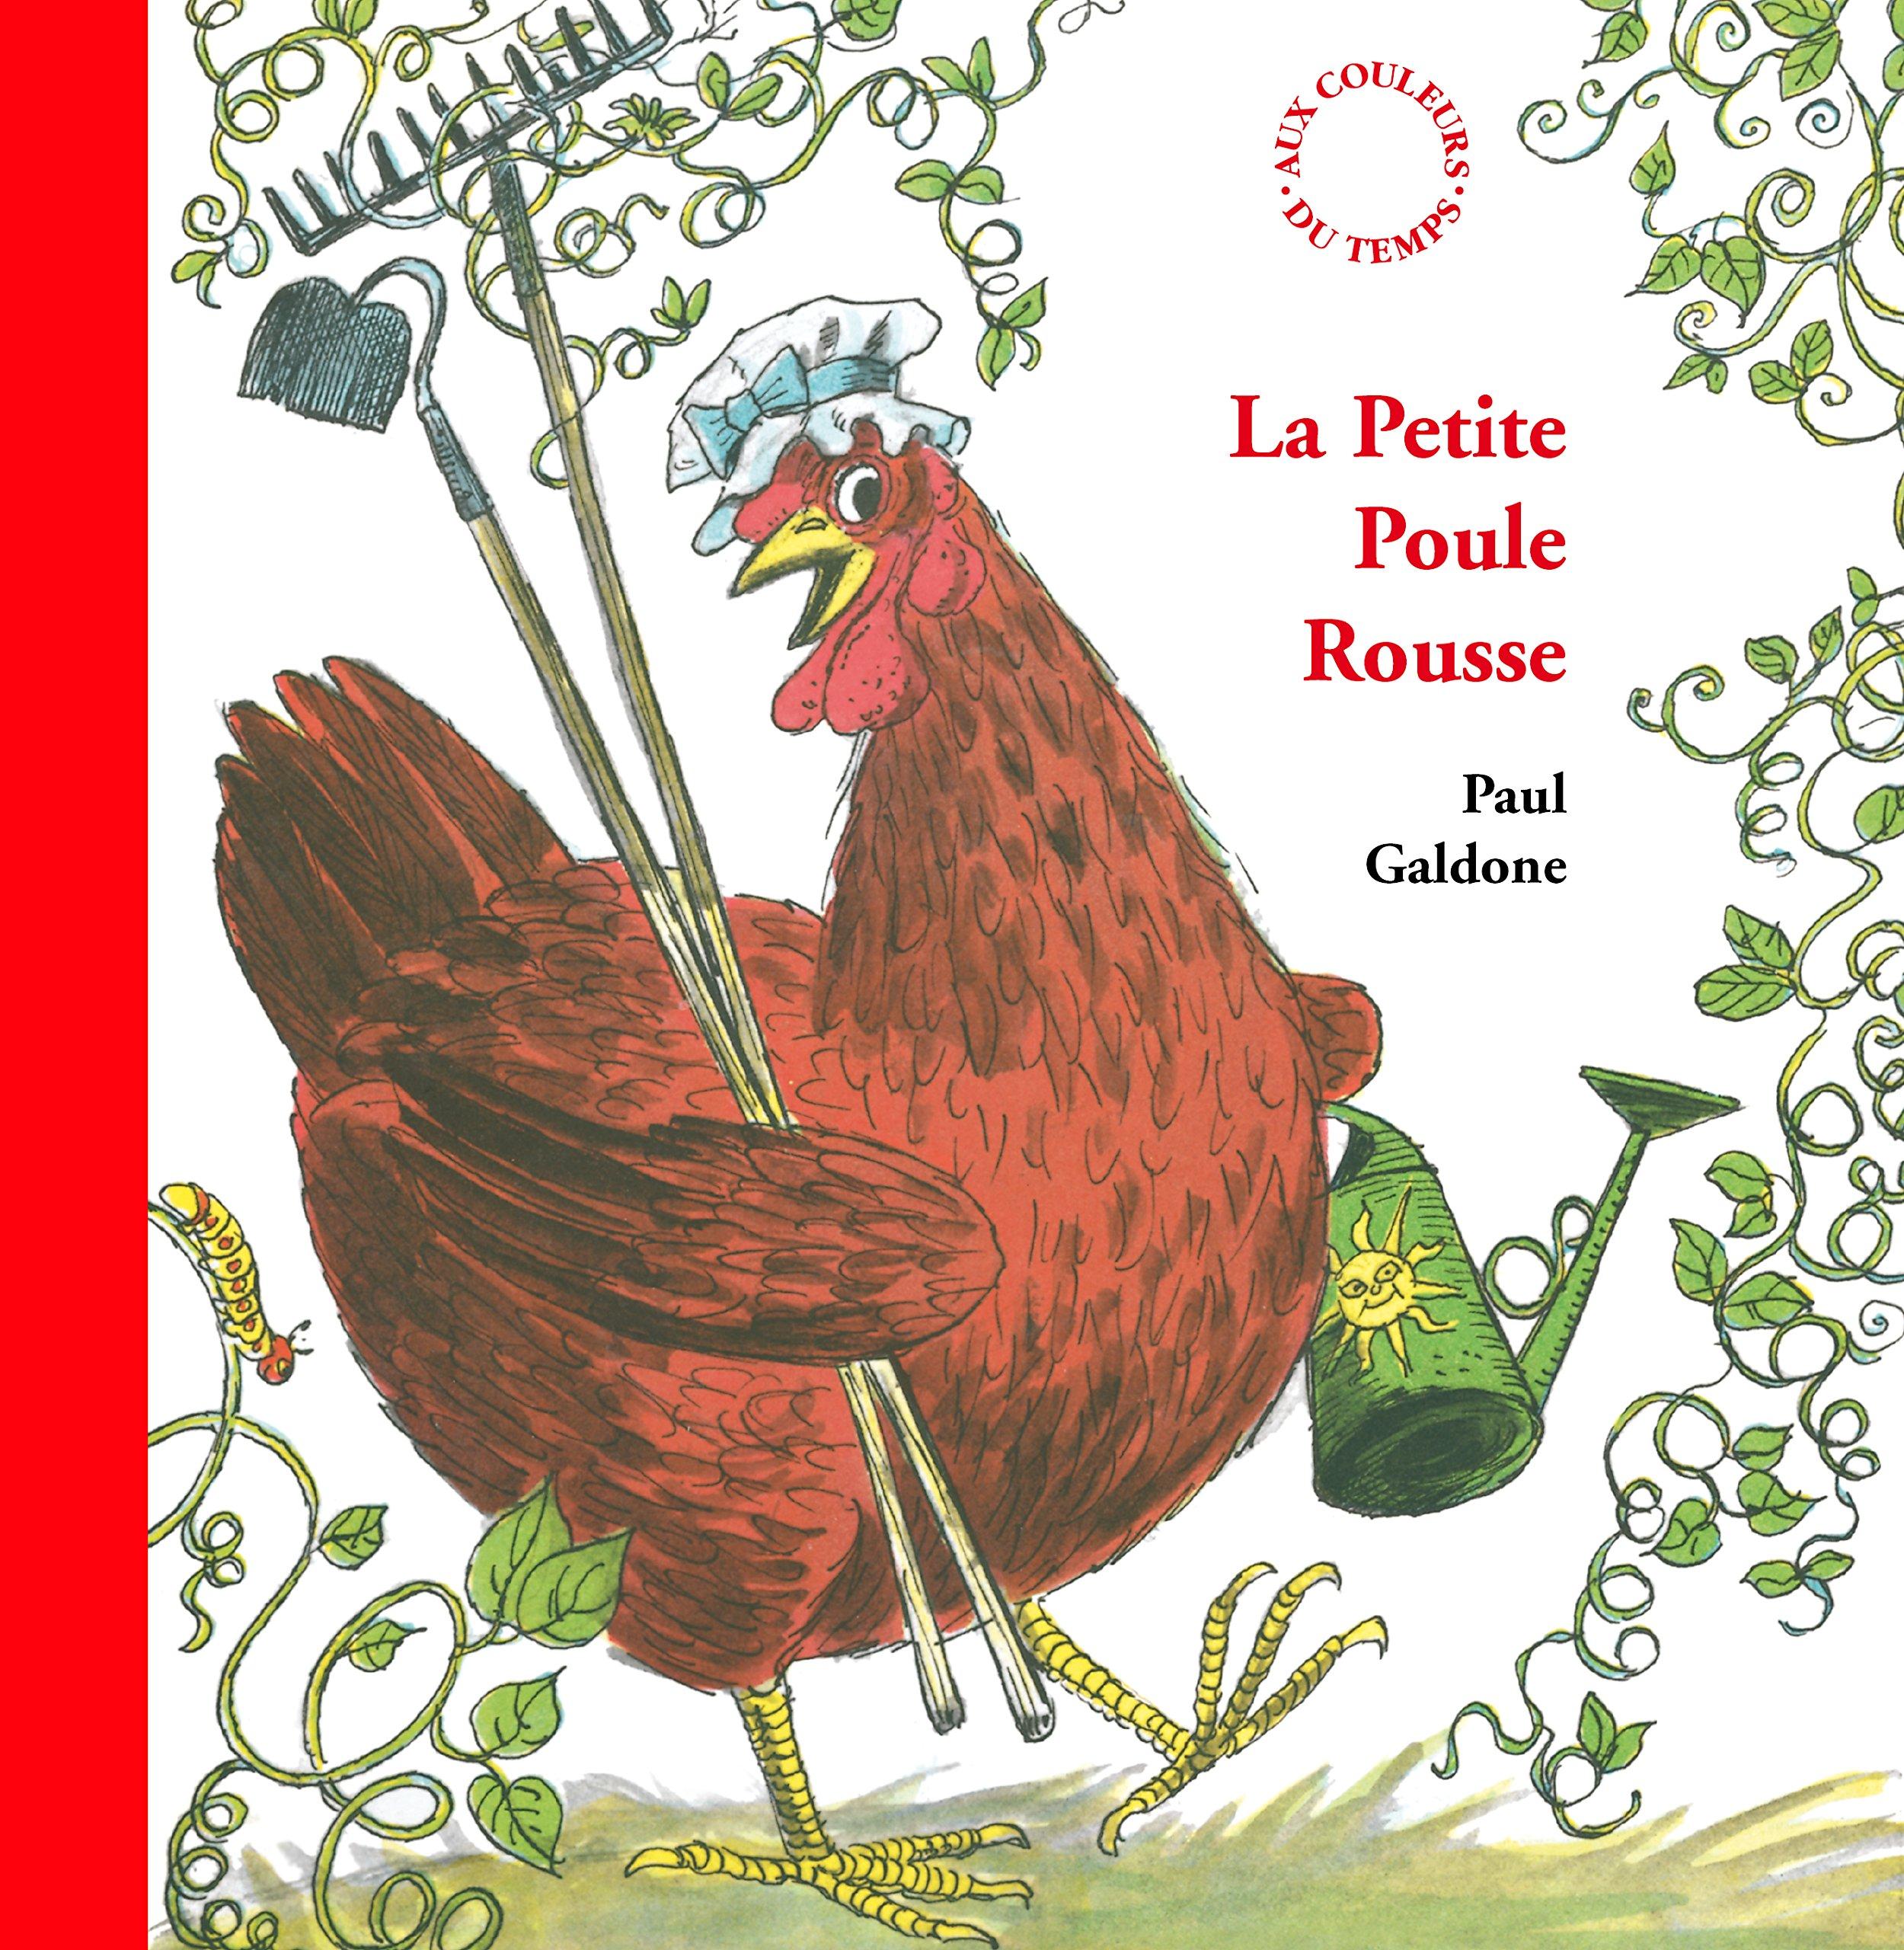 """Résultat de recherche d'images pour """"la petite poule rousse"""""""